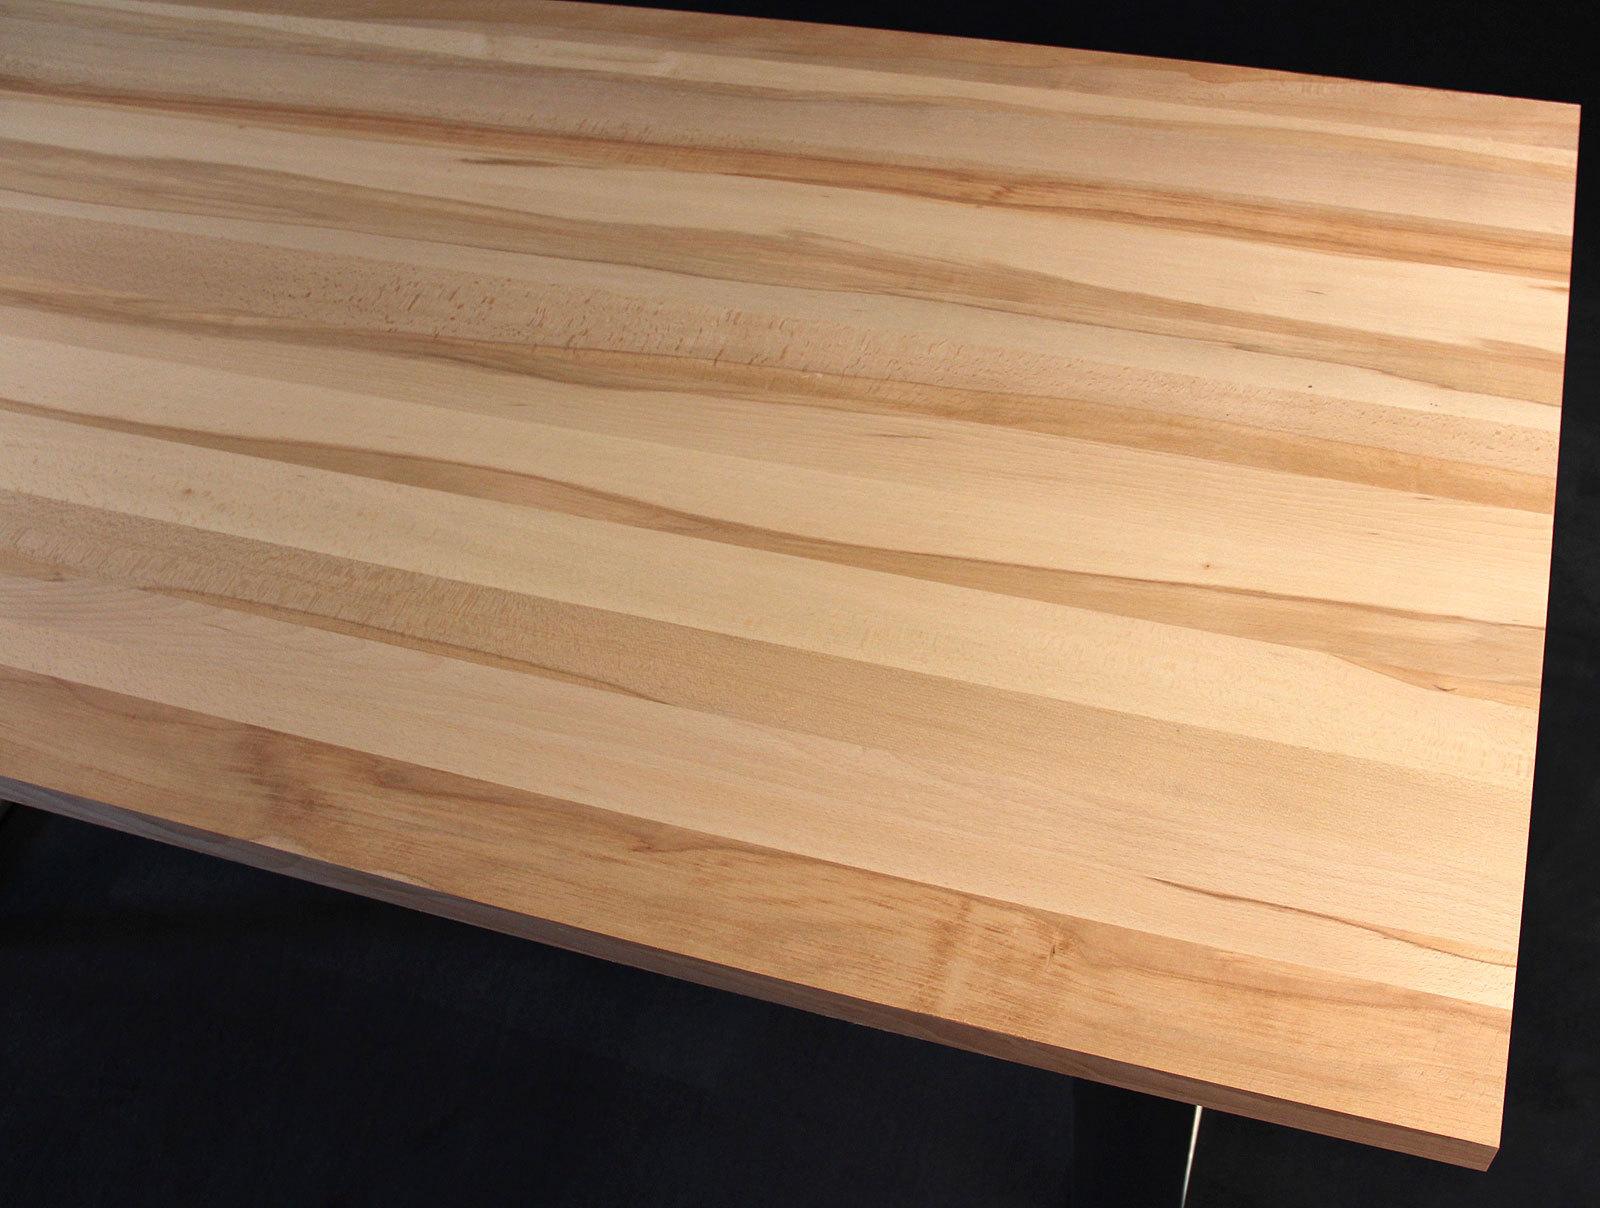 arbeitsplatte / küchenarbeitsplatte massivholz kernbuche natur dl 40